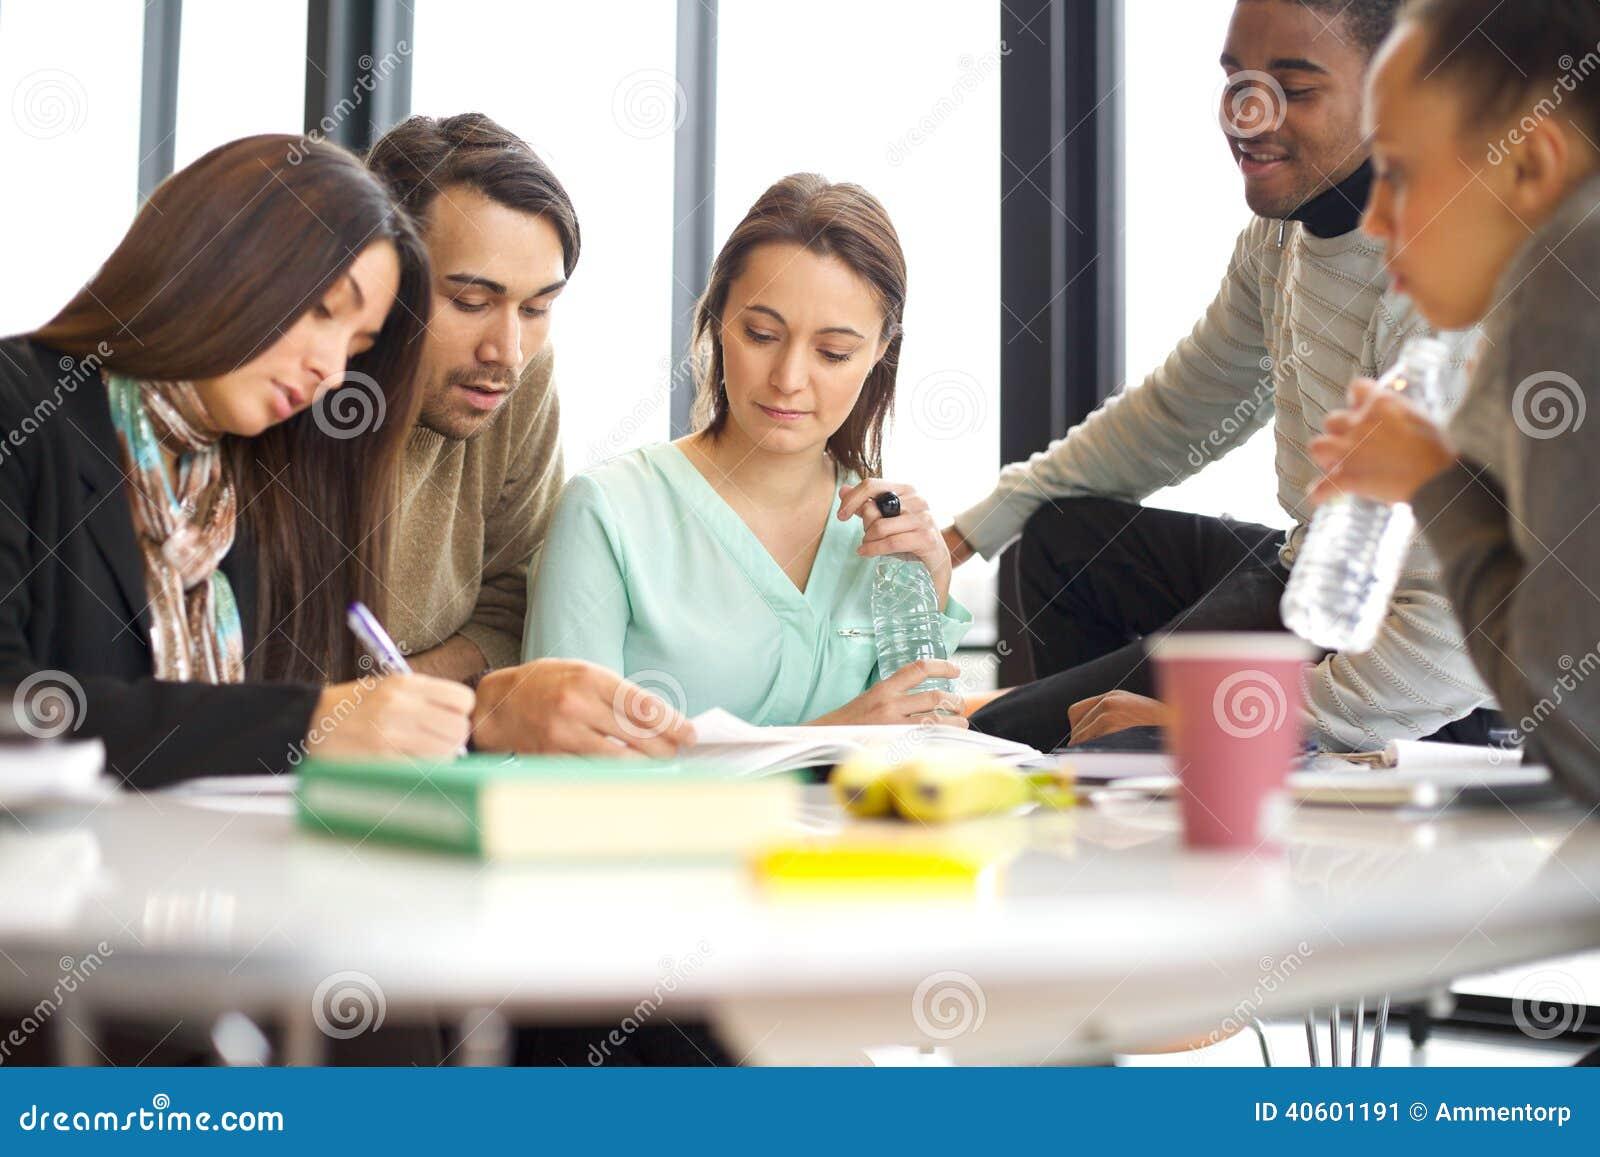 Estudiantes universitarios jovenes que hacen estudio del grupo